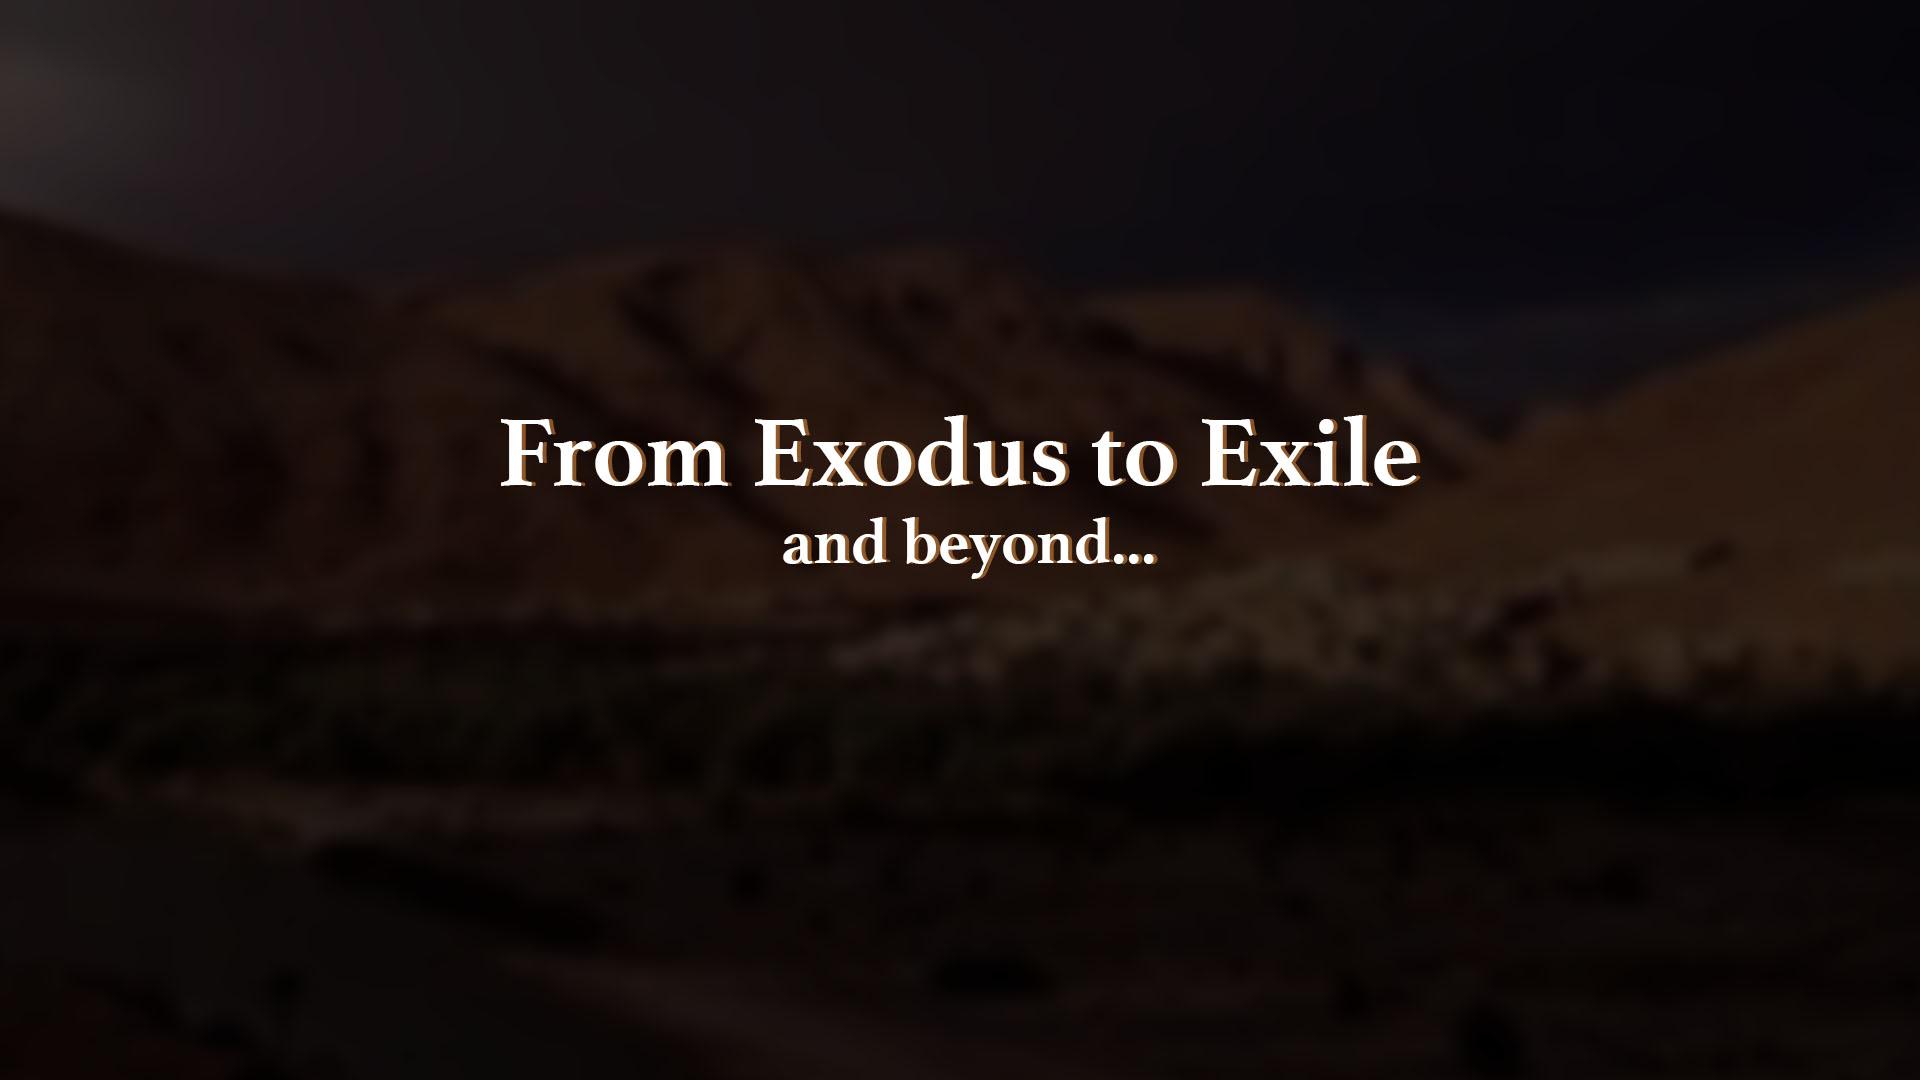 ExodustoExile.jpg